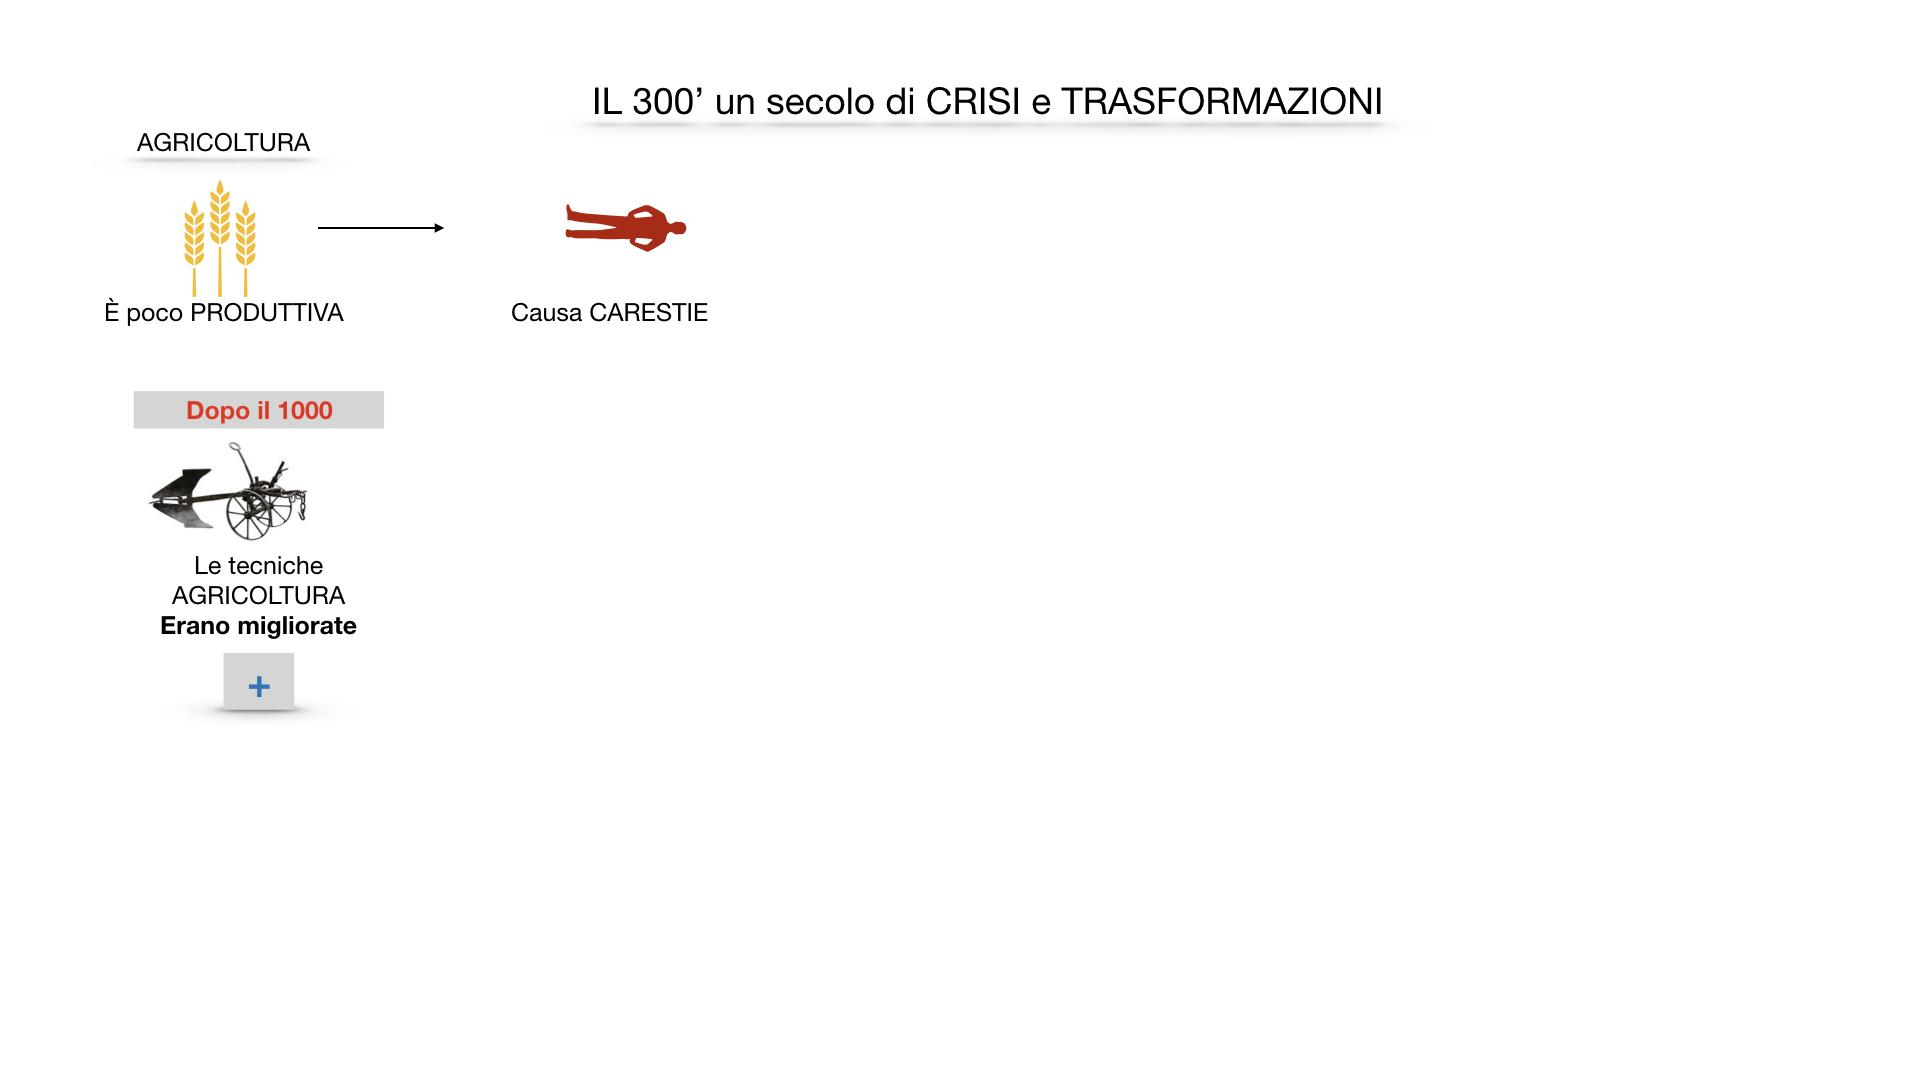 il 300 crisi e trasformazioni_ SIMULAZIONE.007